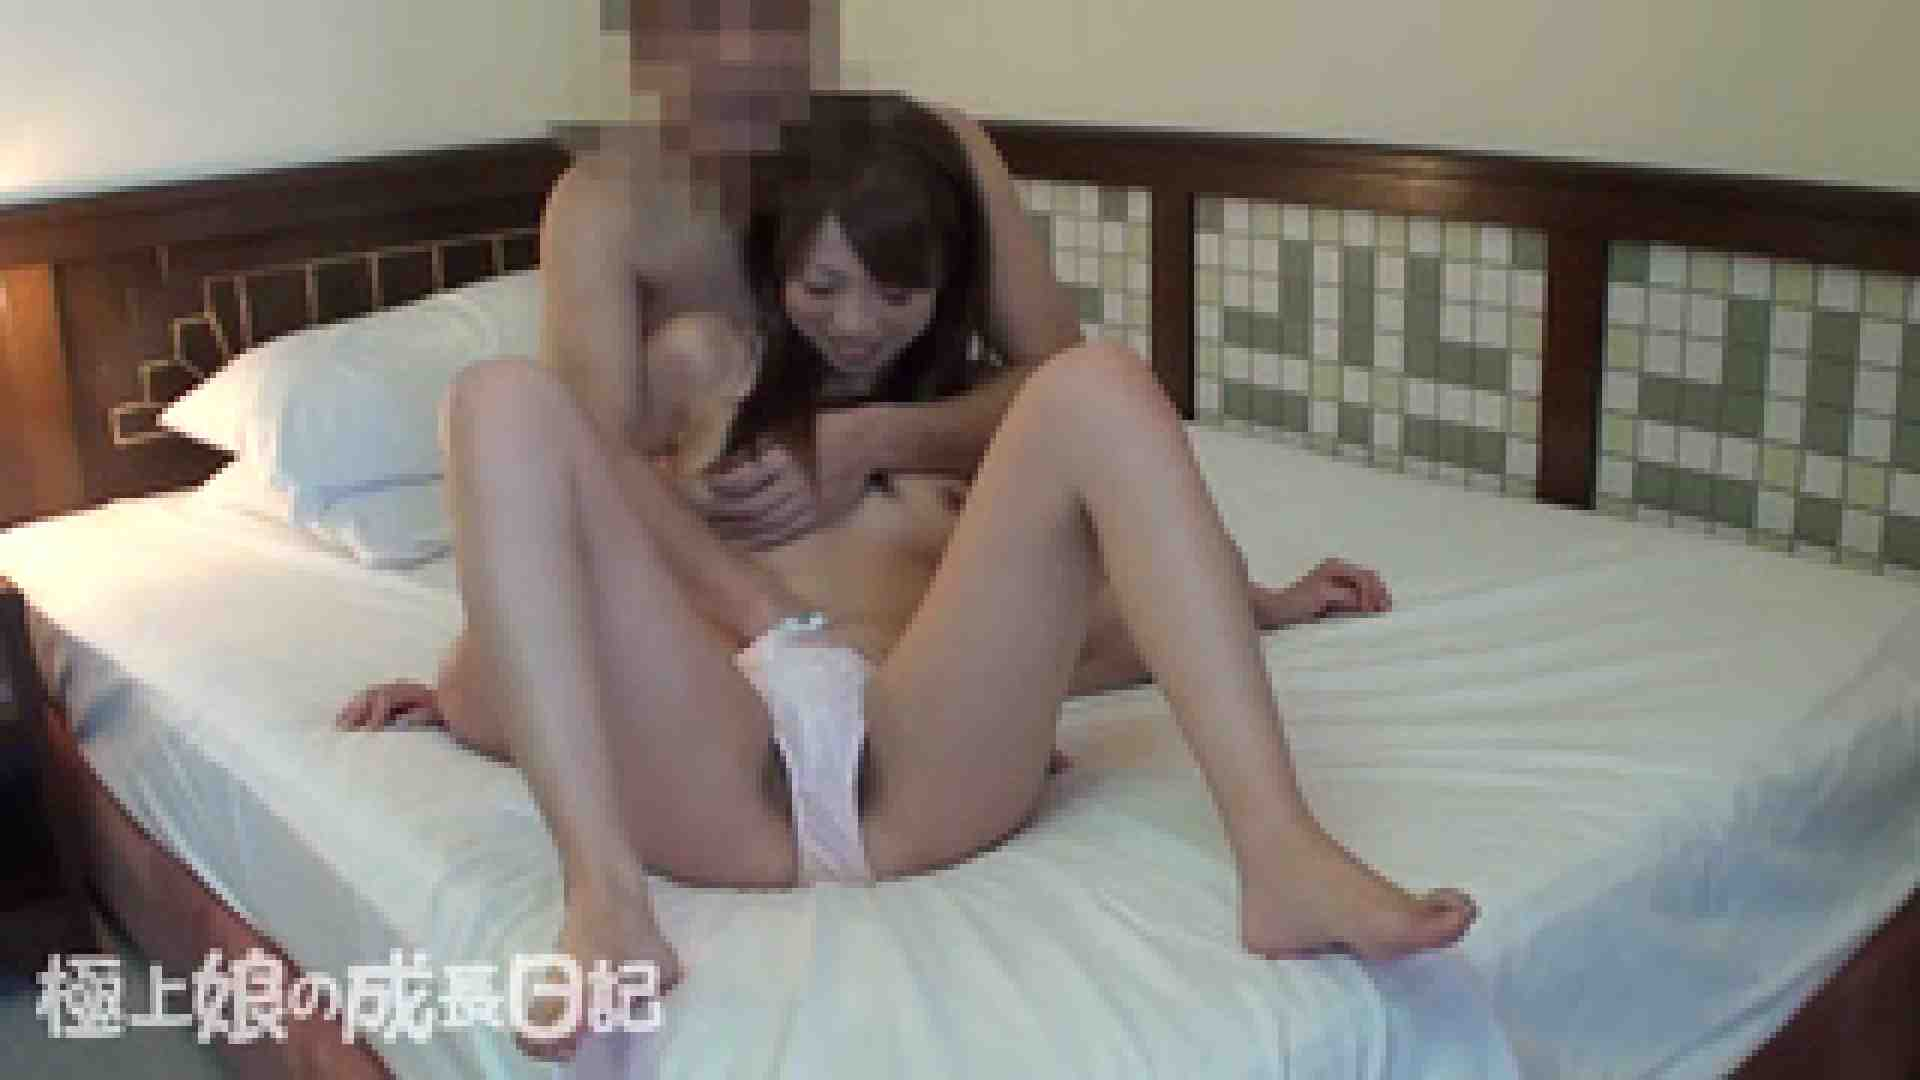 極上素人嬢の成長日記 ホテルでまったりSEX SEX 濡れ場動画紹介 107pic 79